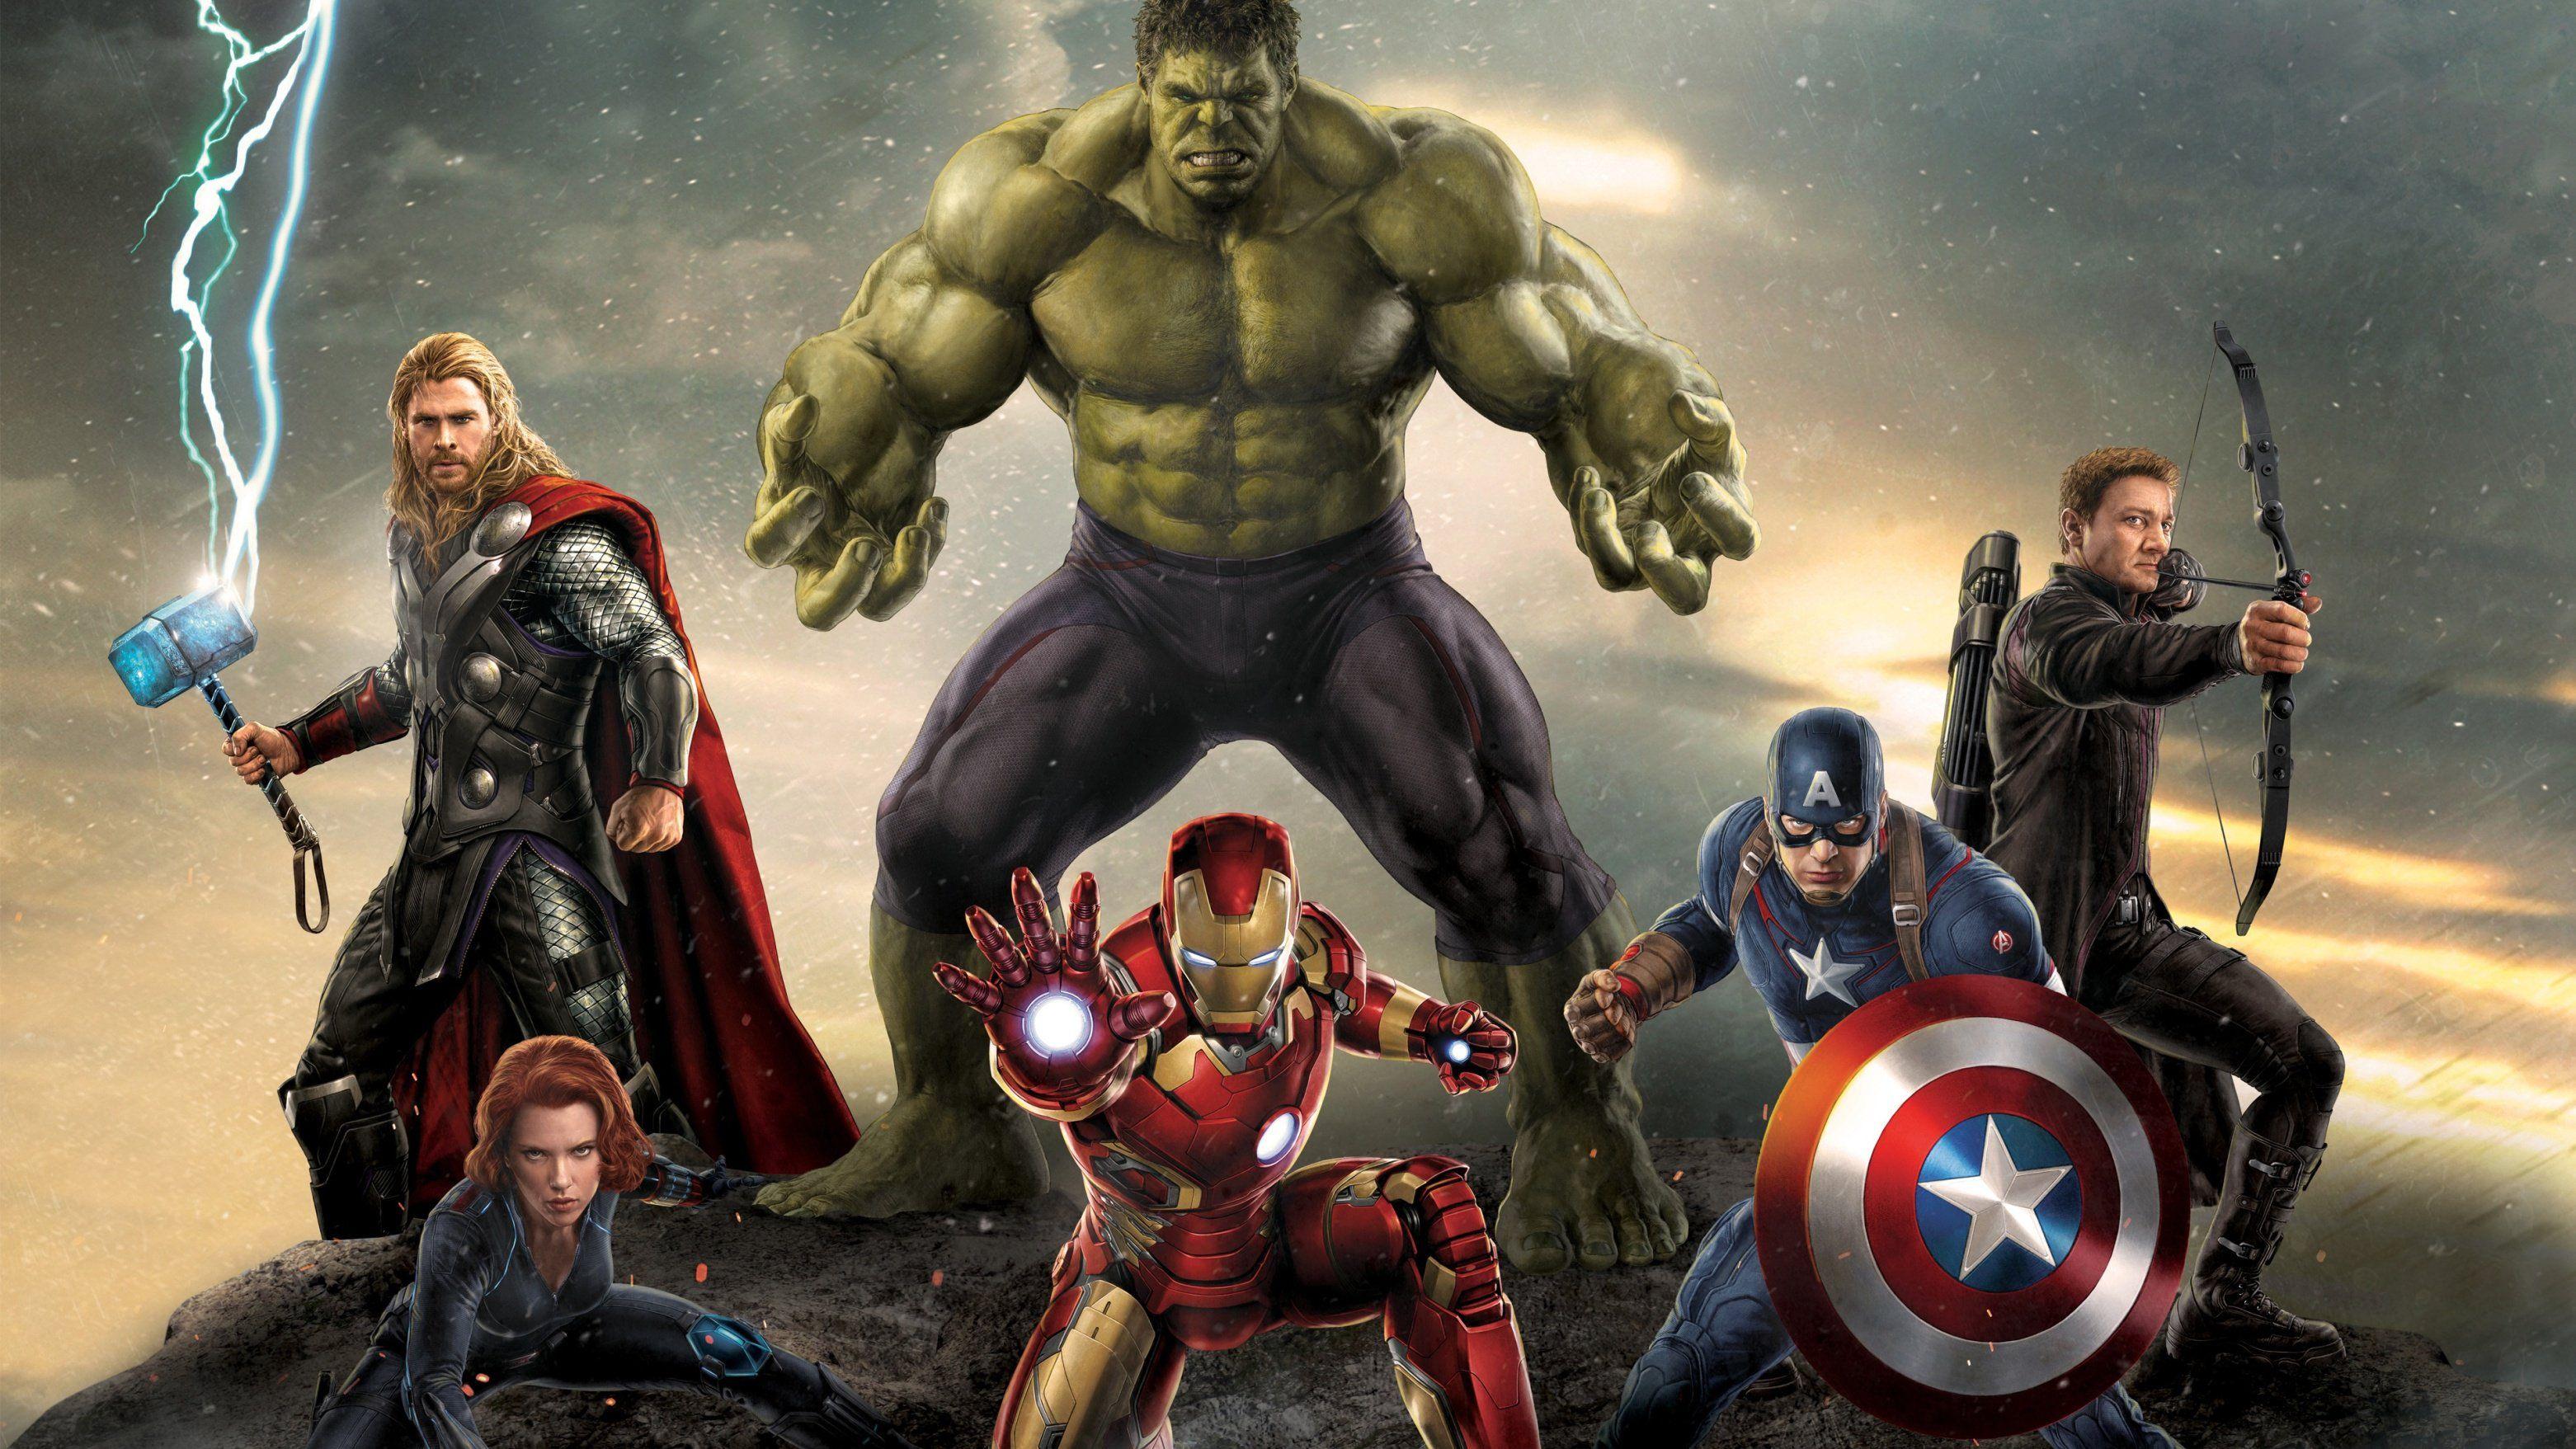 Wallpapers Ultra Hd 4k Llevate Alguno Super Heroes Hulk